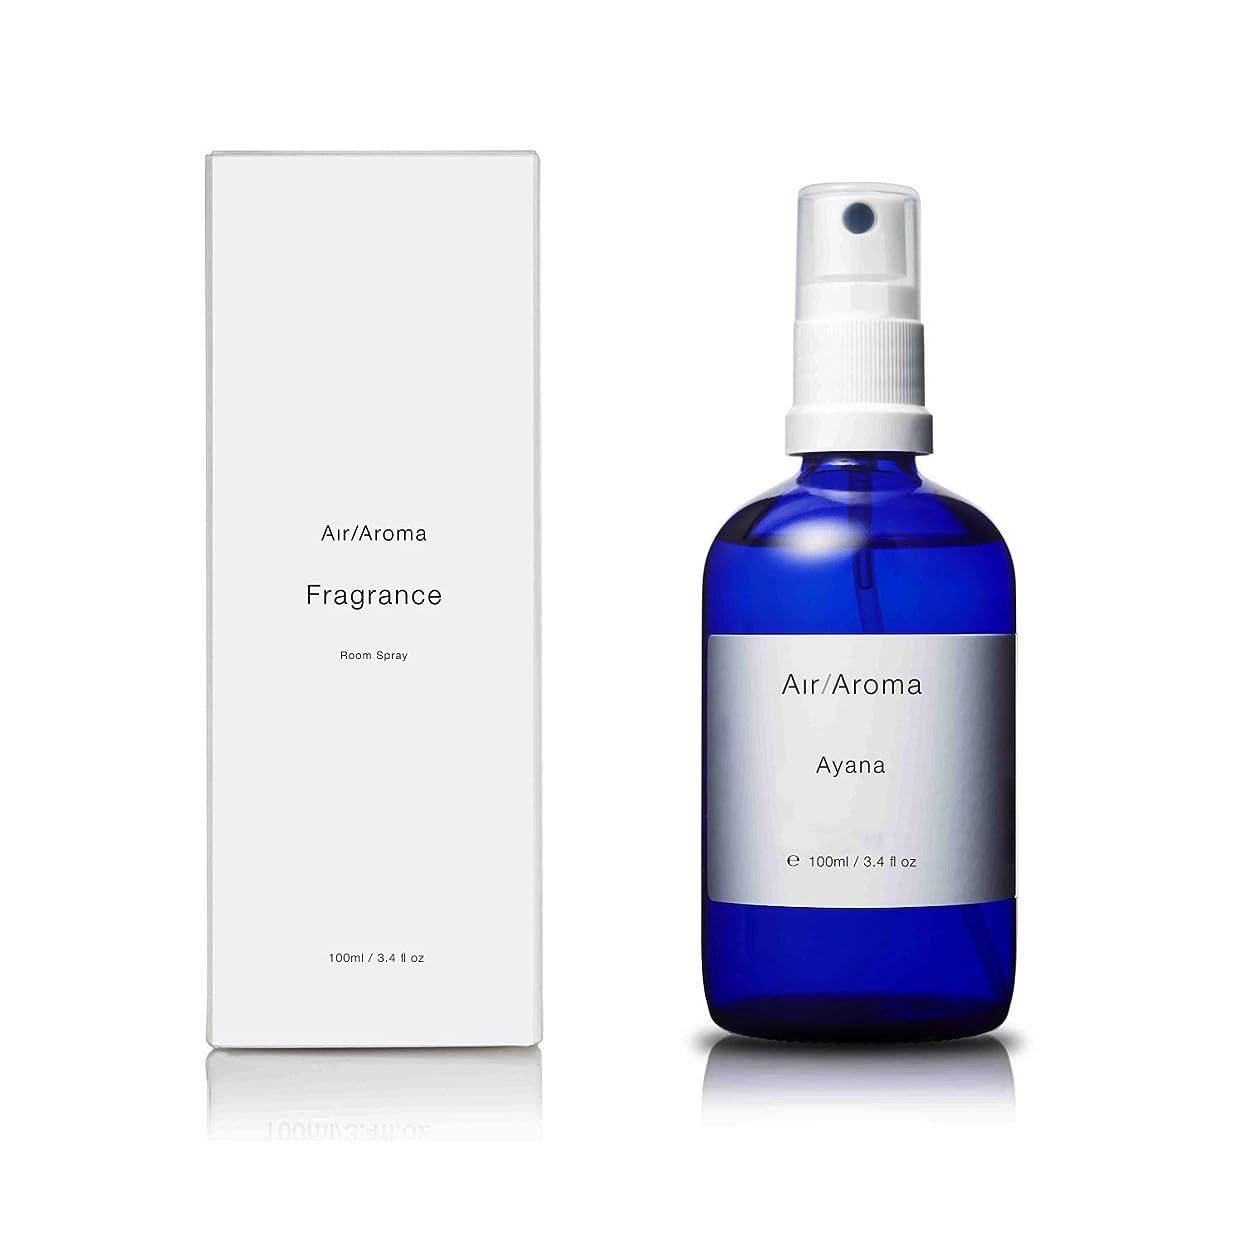 記事進む行うエアアロマ ayana room fragrance (アヤナ ルームフレグランス) 100ml